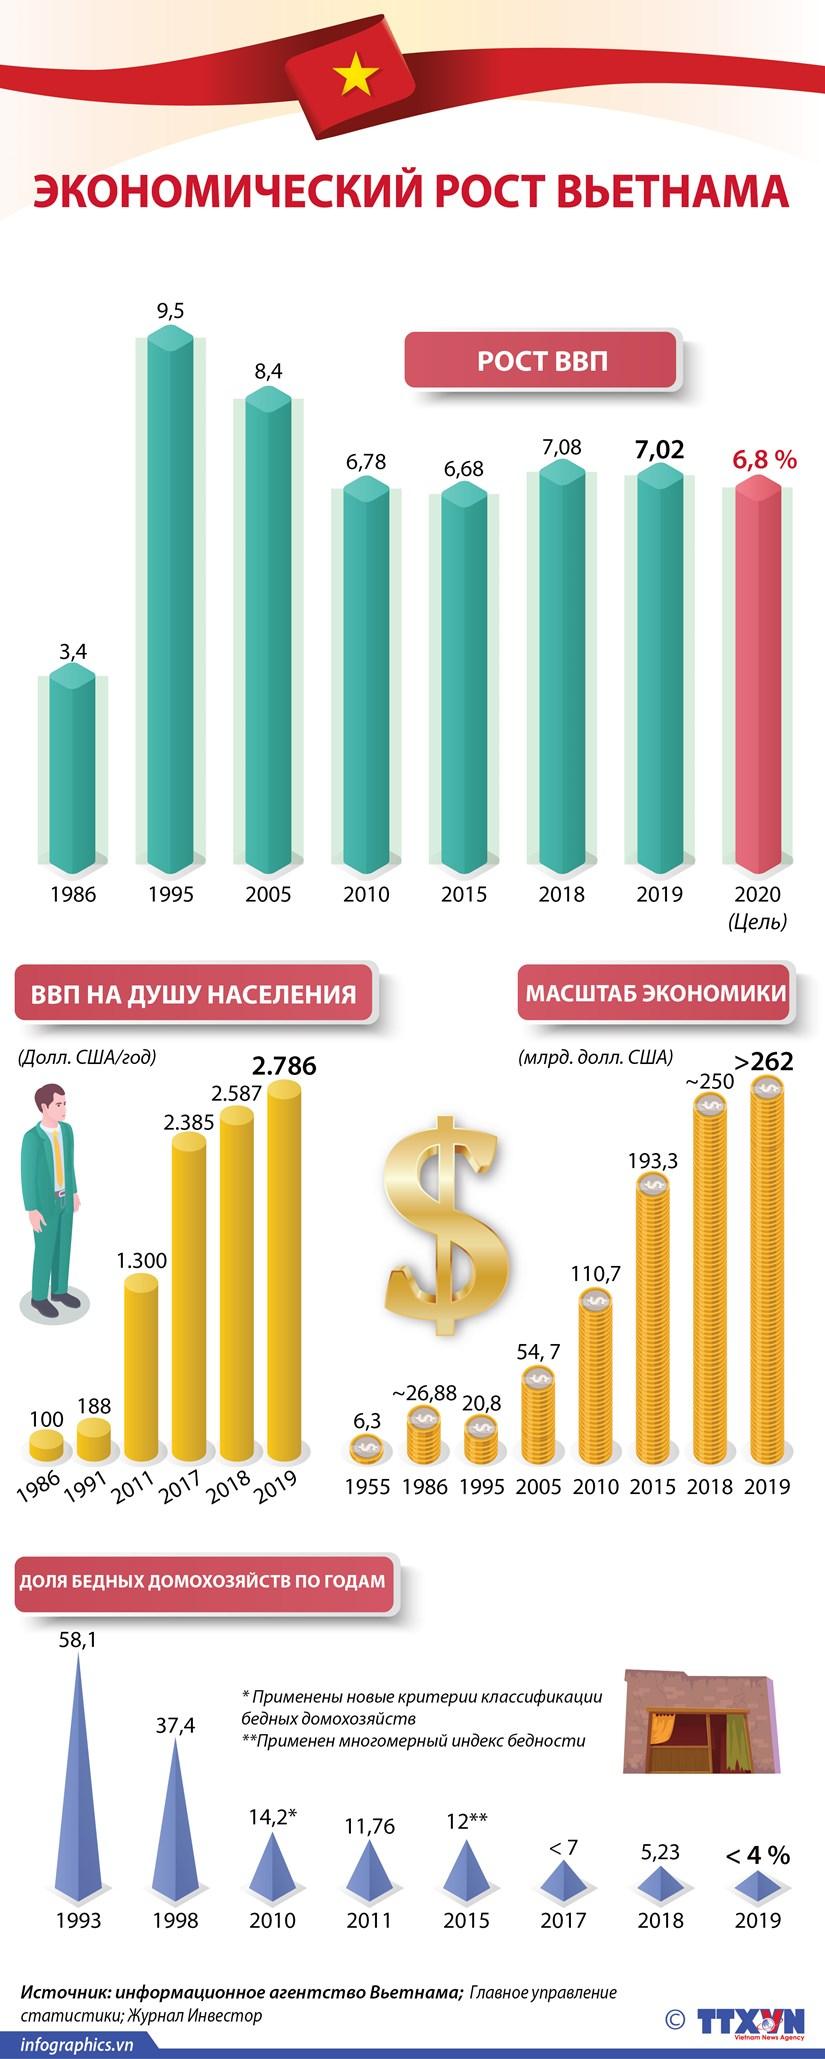 Экономическии рост Вьетнама на протяжении нескольких лет hinh anh 1